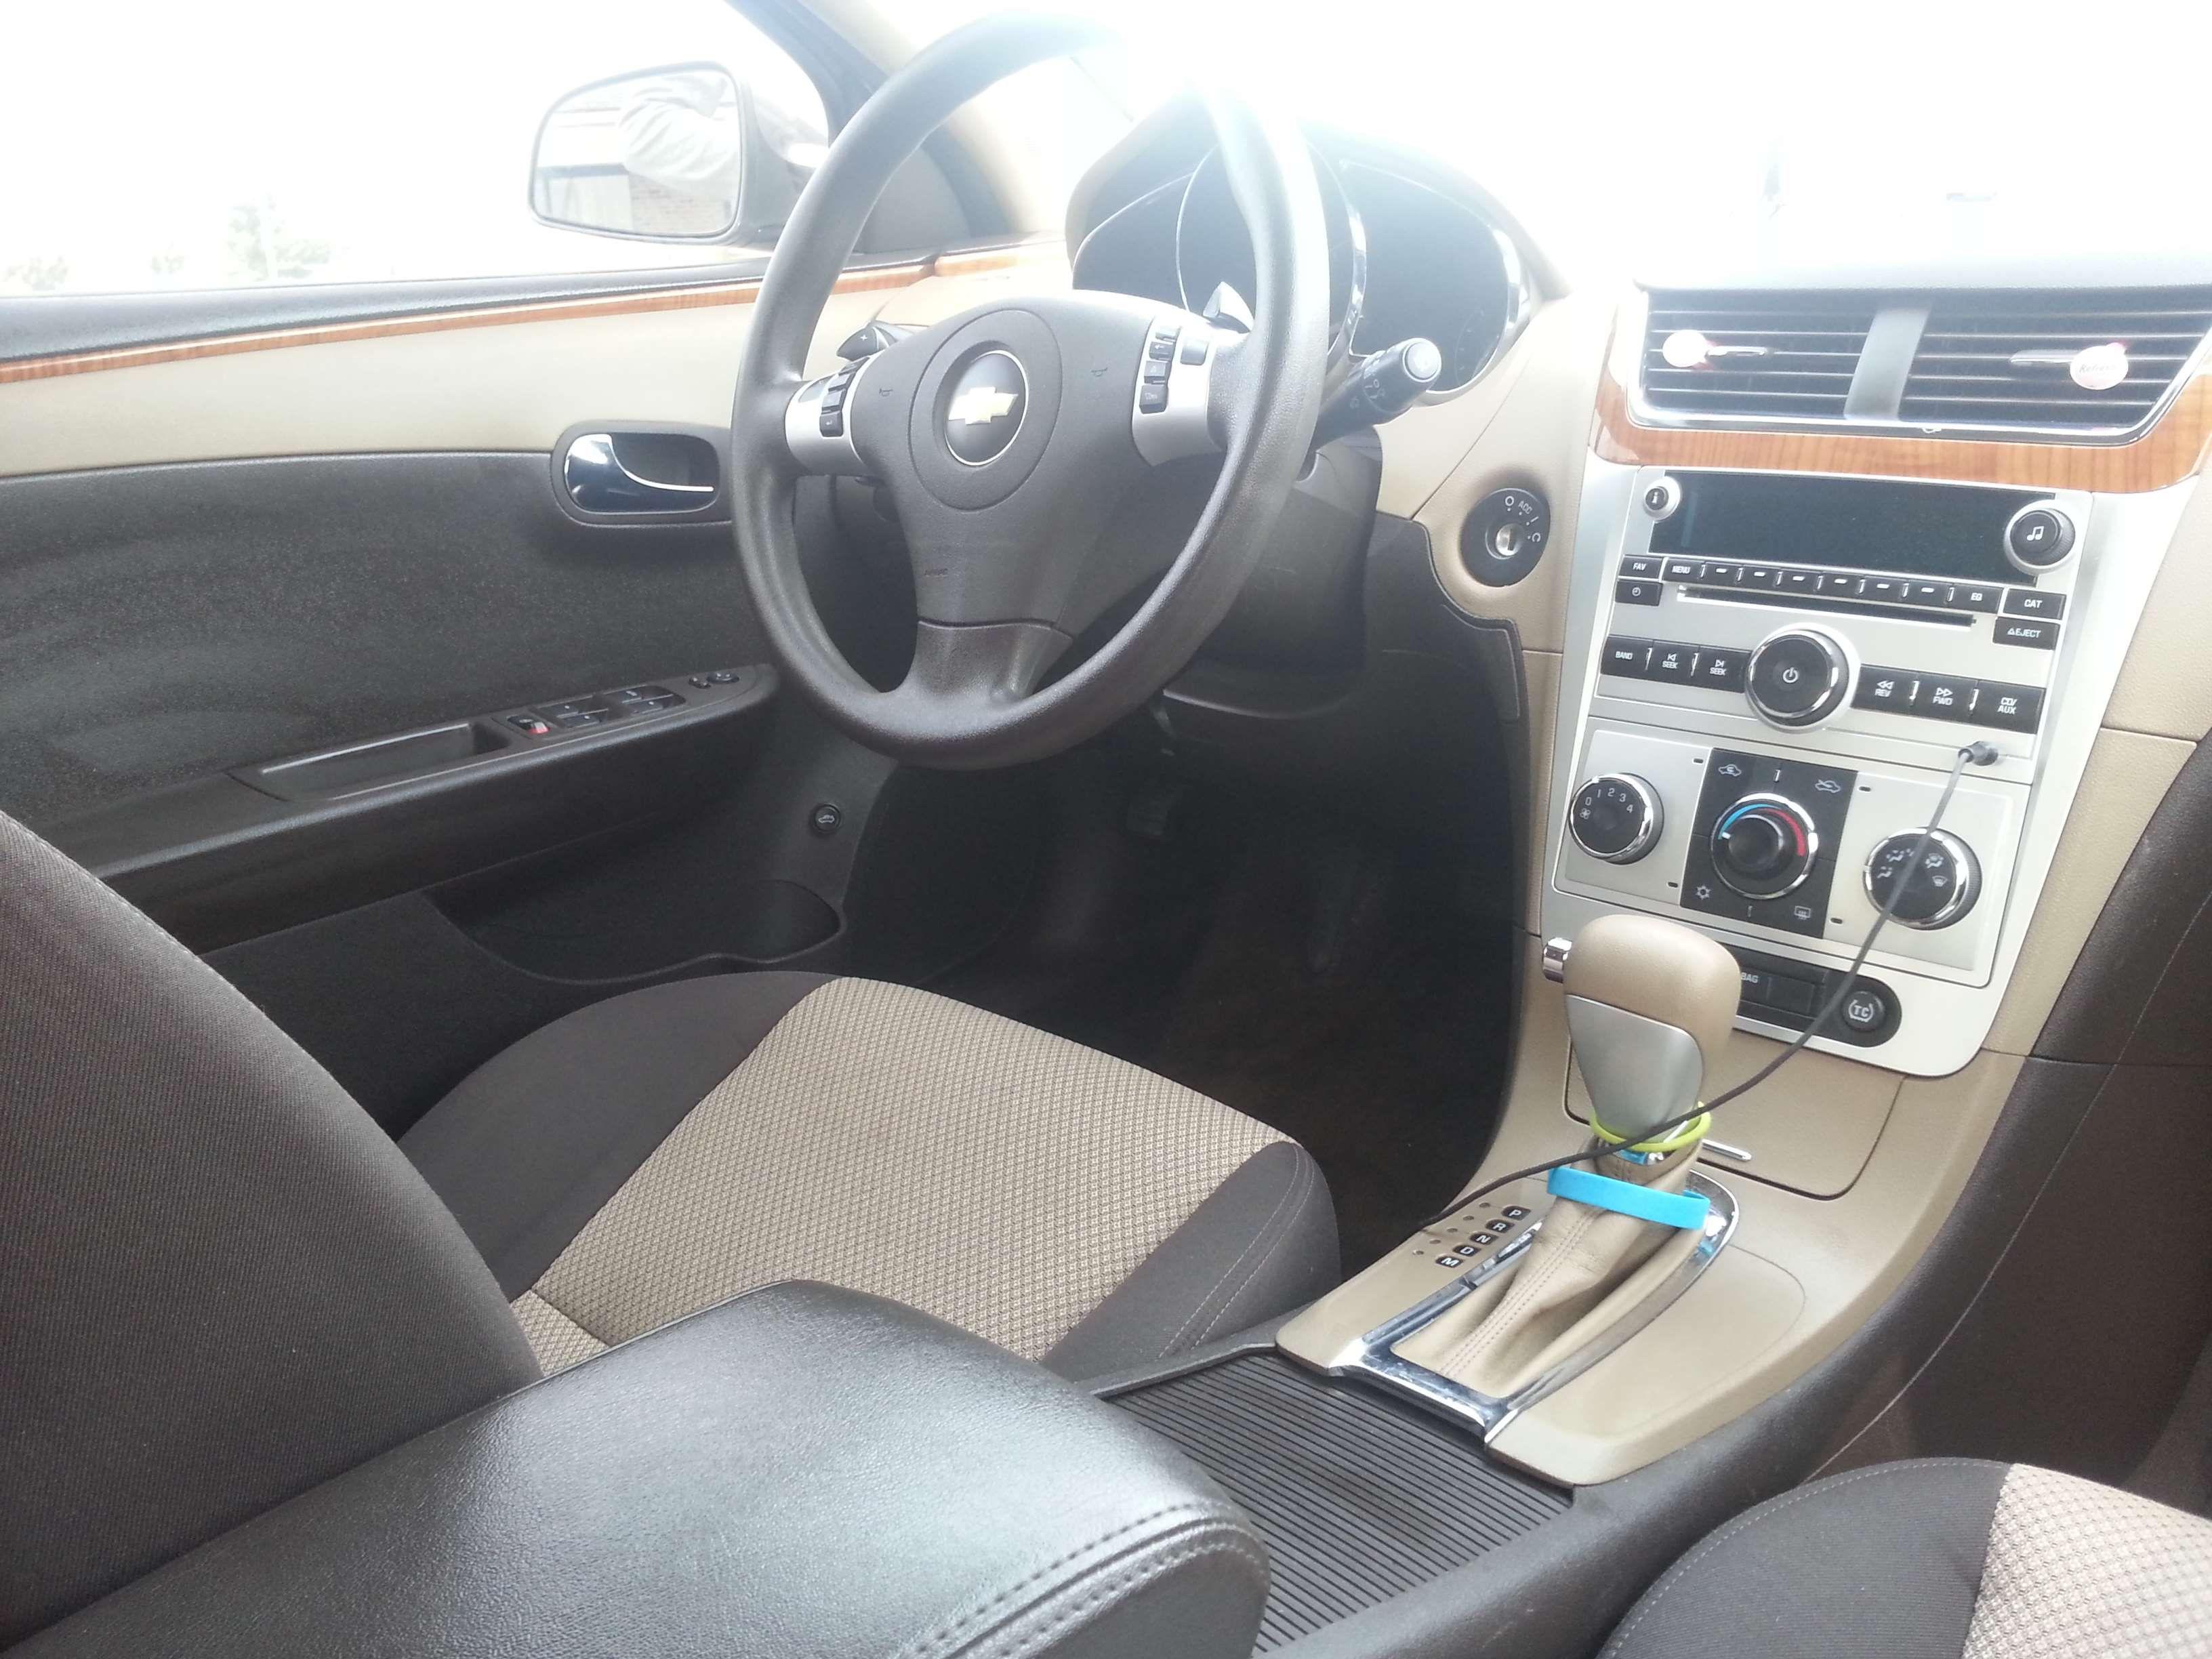 Used 2010 Chevrolet Malibu For Sale 13 495 At Colon Mi